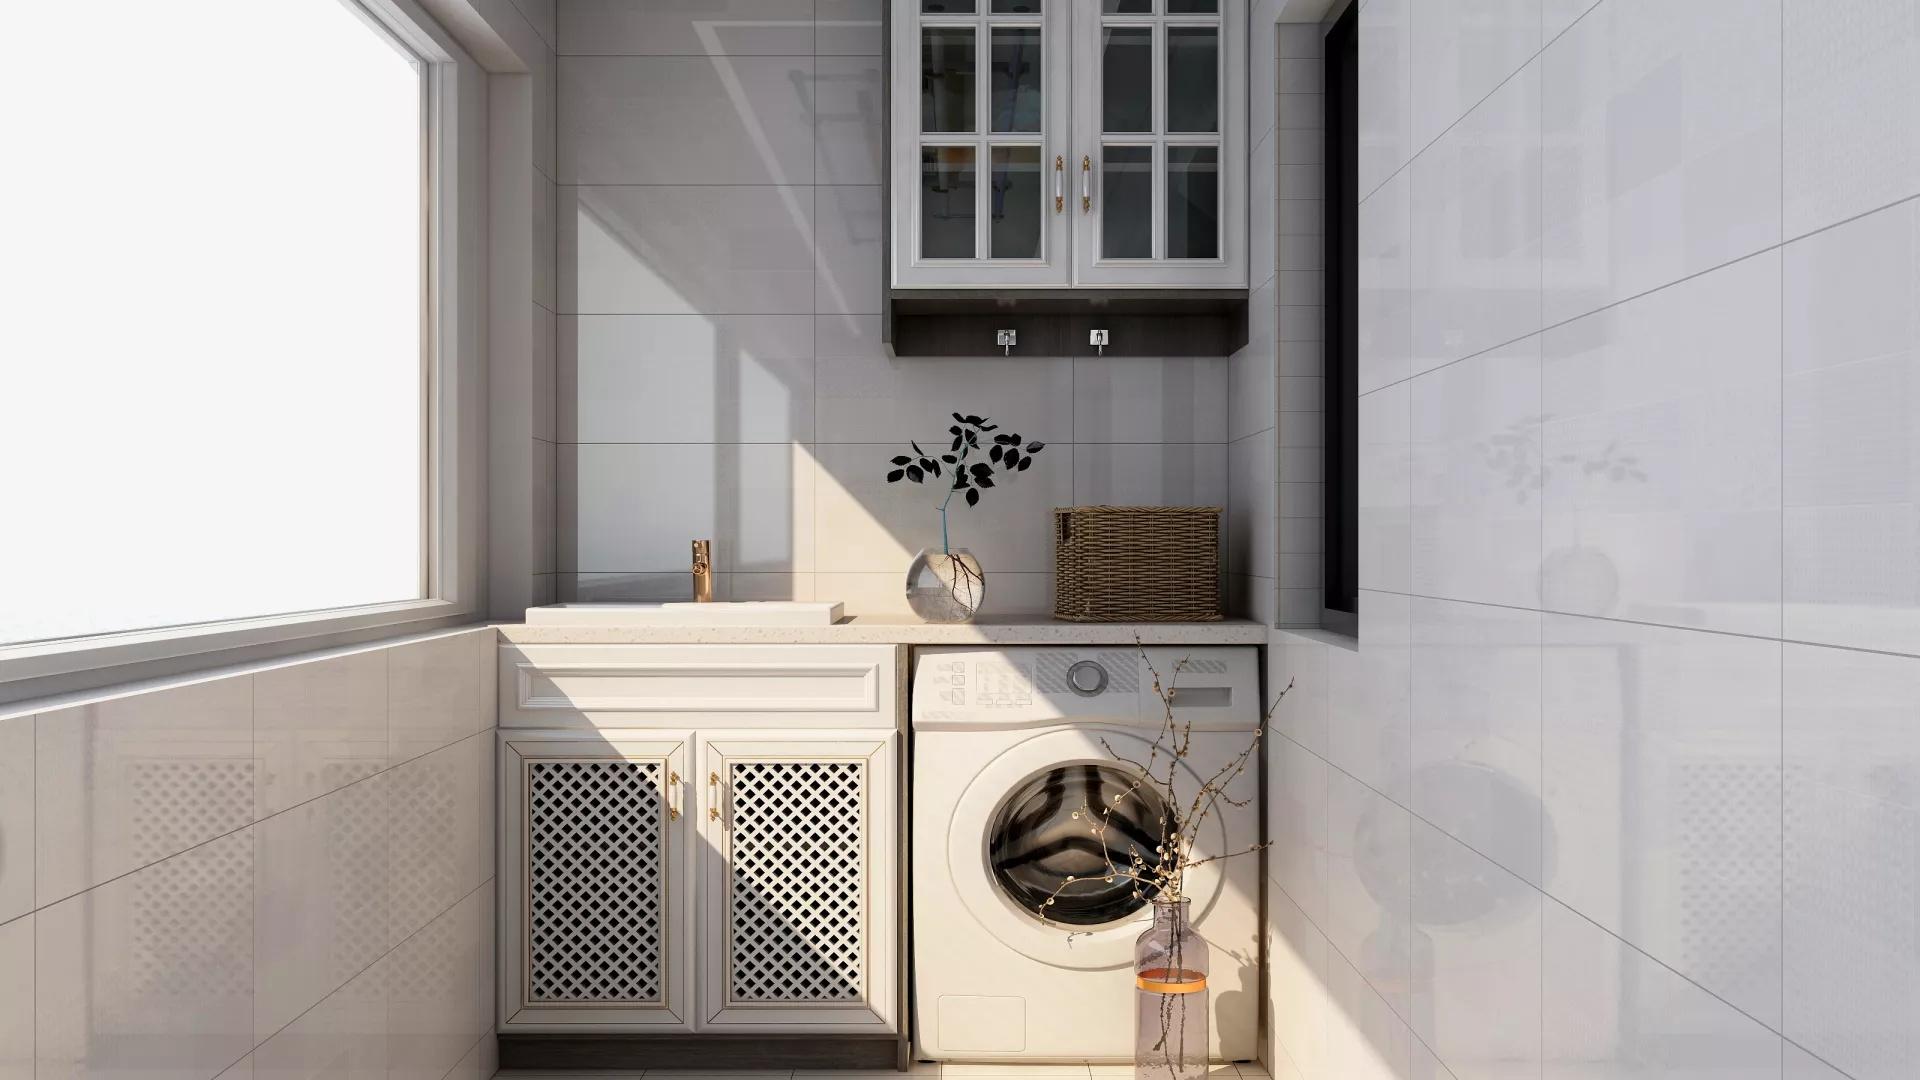 厨房设备有哪些 厨房设备的建议 厨房设备大概价格表